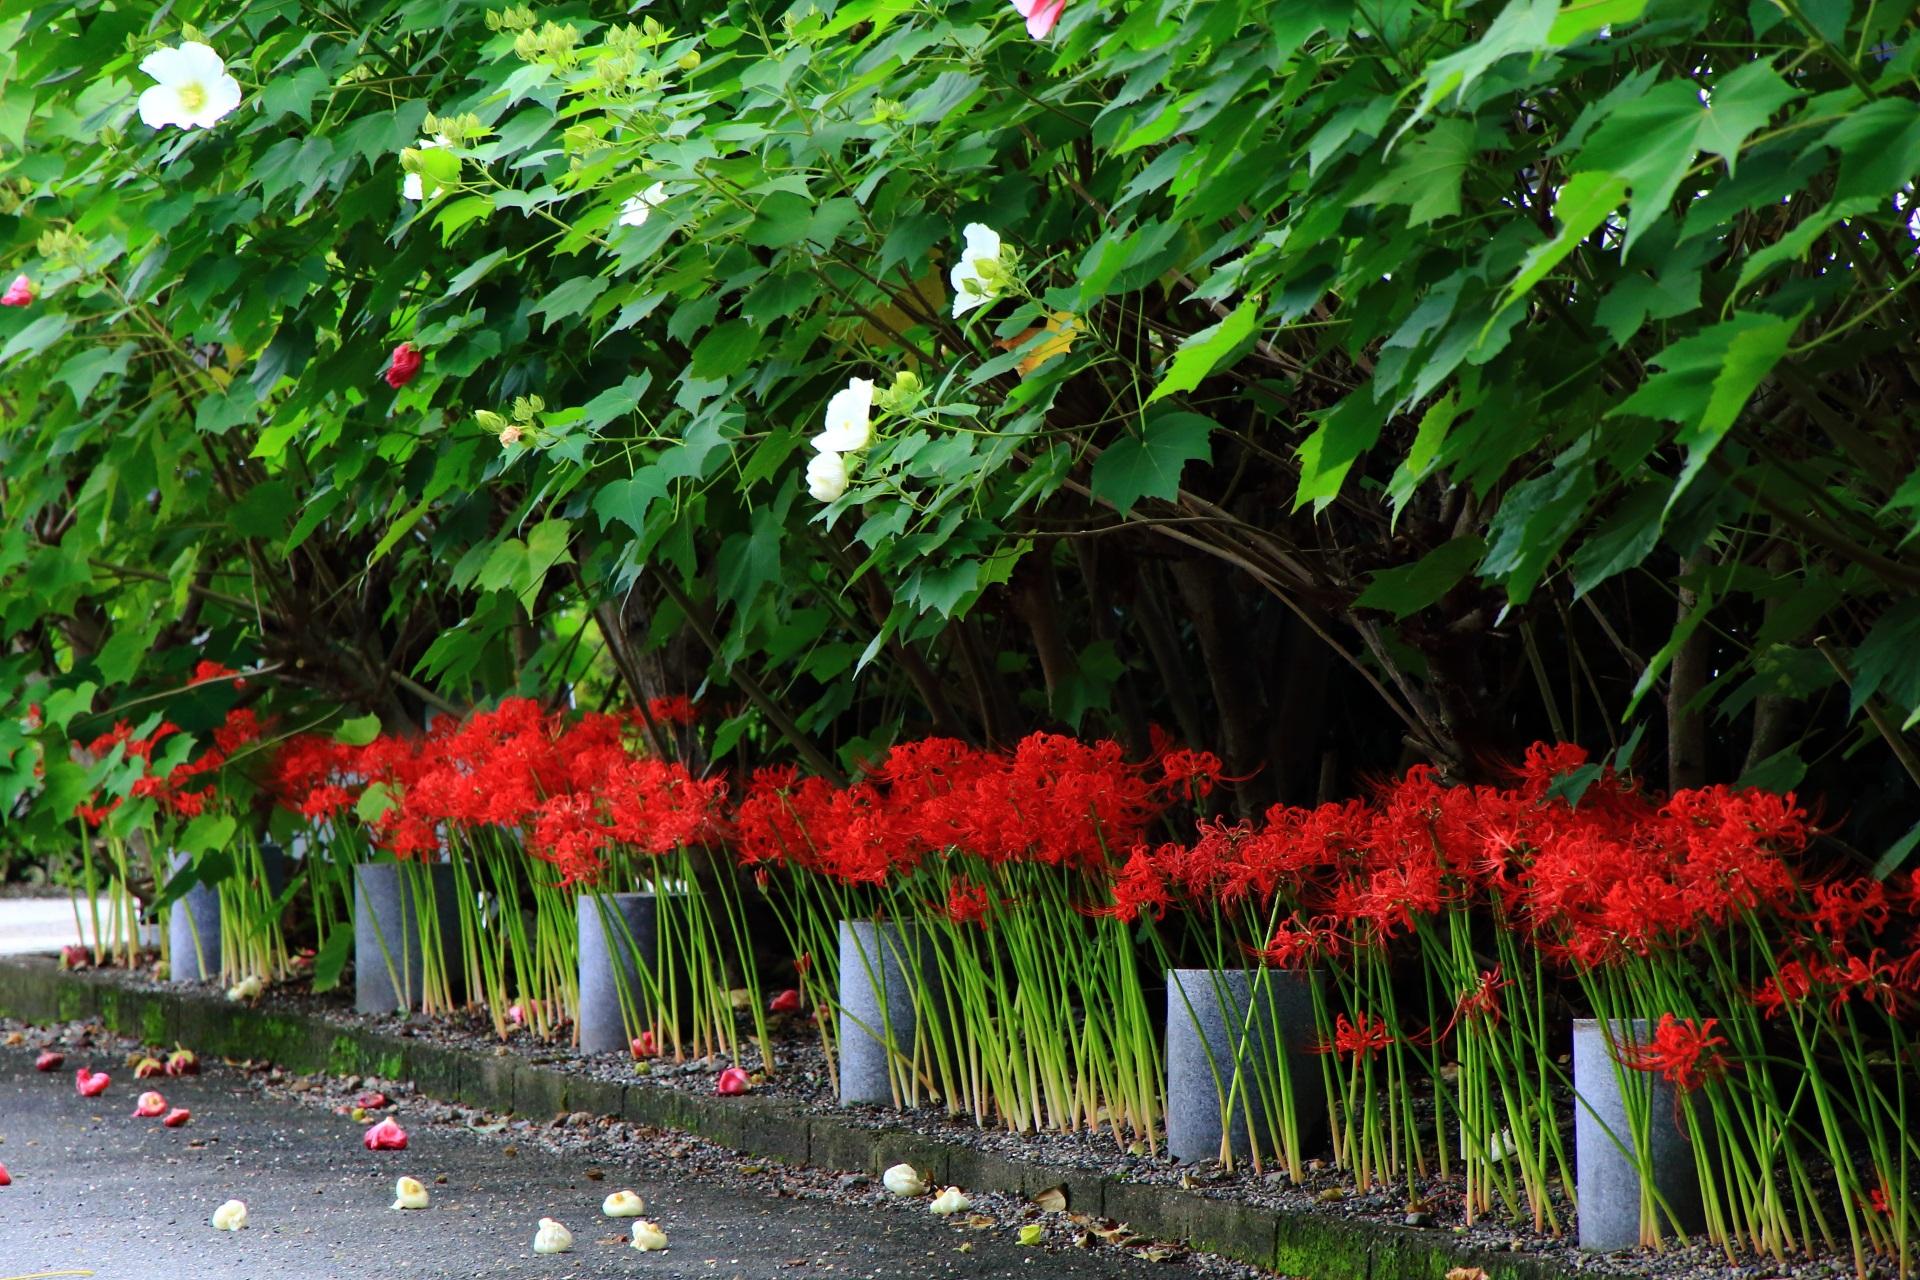 妙蓮寺の本堂と鐘楼前の彼岸花(ひがんばな)